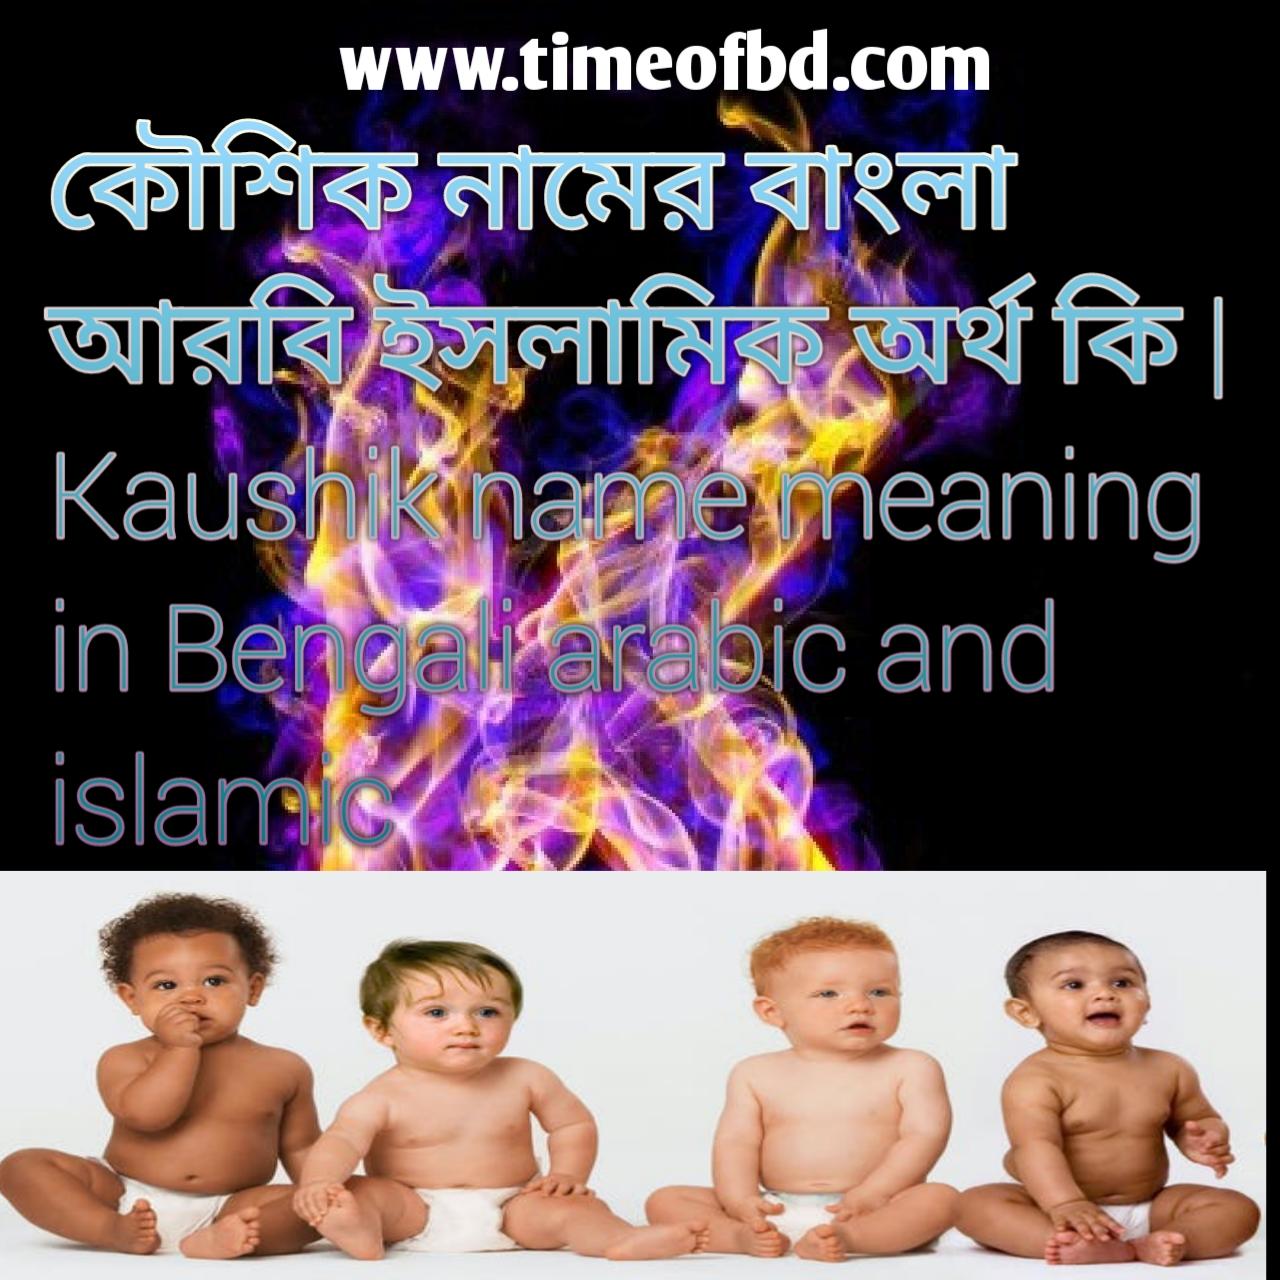 কৌশিক নামের অর্থ কি, কৌশিক নামের বাংলা অর্থ কি, কৌশিক নামের ইসলামিক অর্থ কি, Kaushik name in Bengali, কৌশিক কি ইসলামিক নাম,